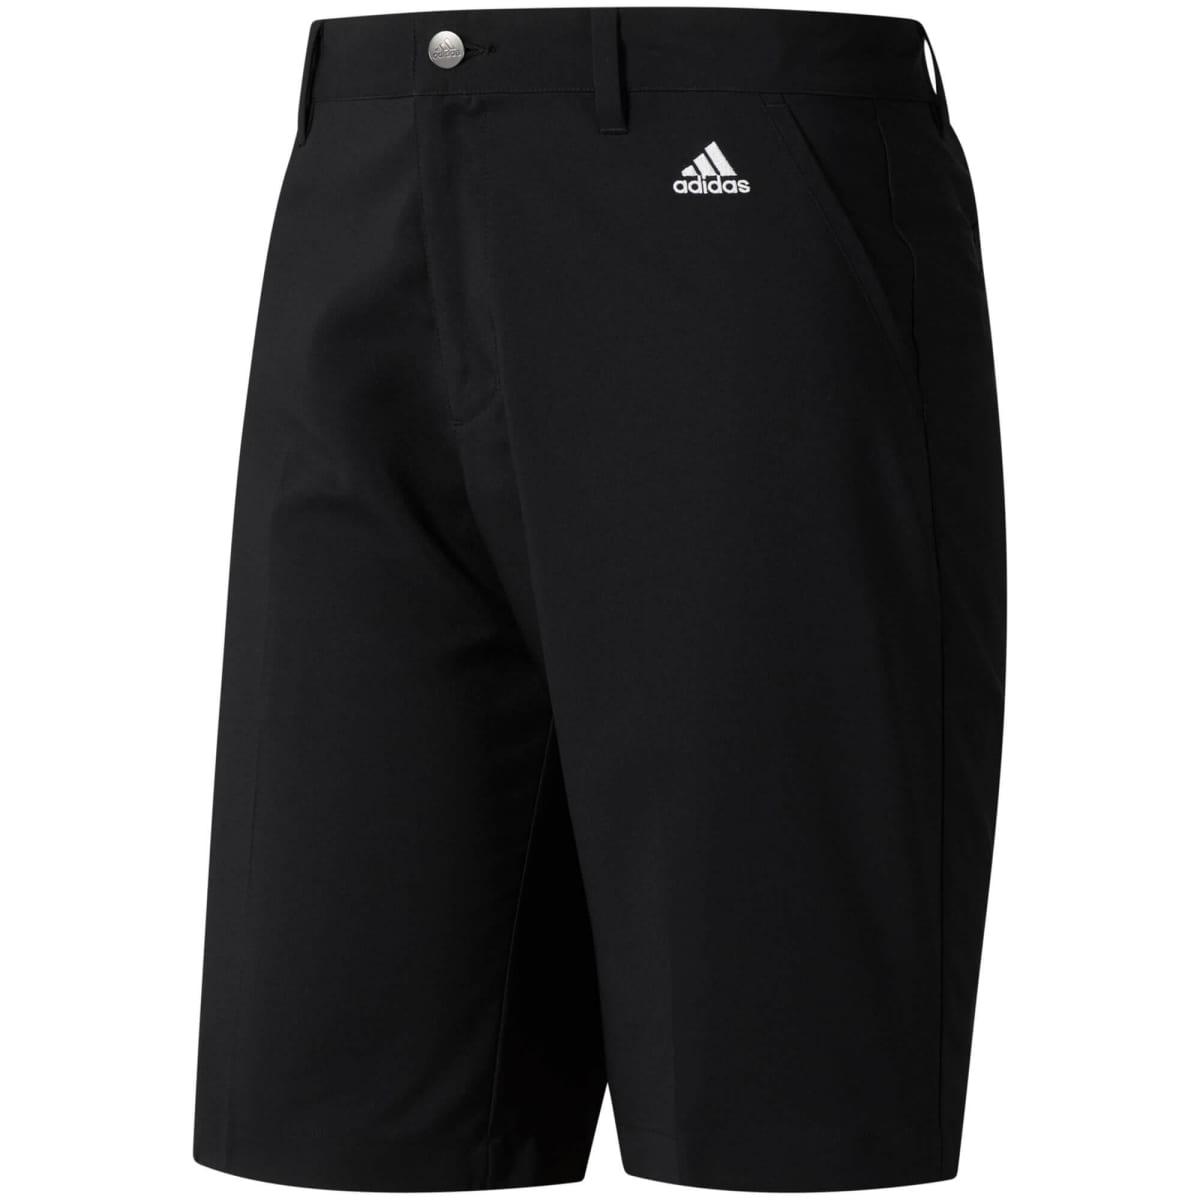 3e58c1a02da Product Image. Adidas Ultimate Short